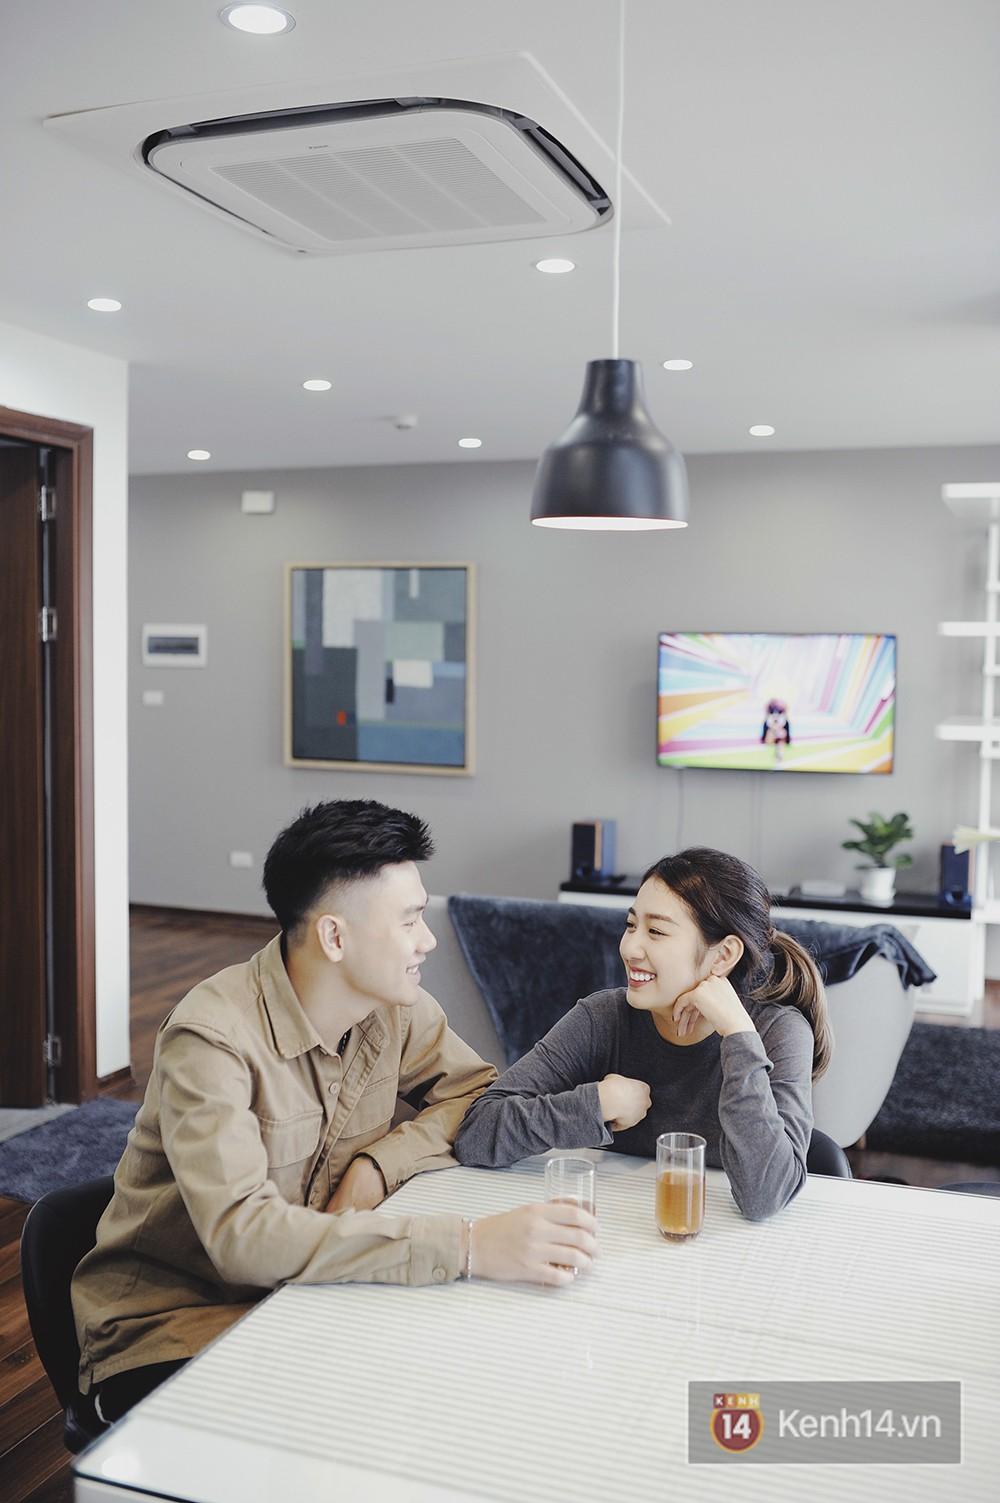 Gia đình trong mơ Trang Lou - Tùng Sơn: Có con là điều khó khăn nhất nhưng cũng hạnh phúc nhất! - Ảnh 8.